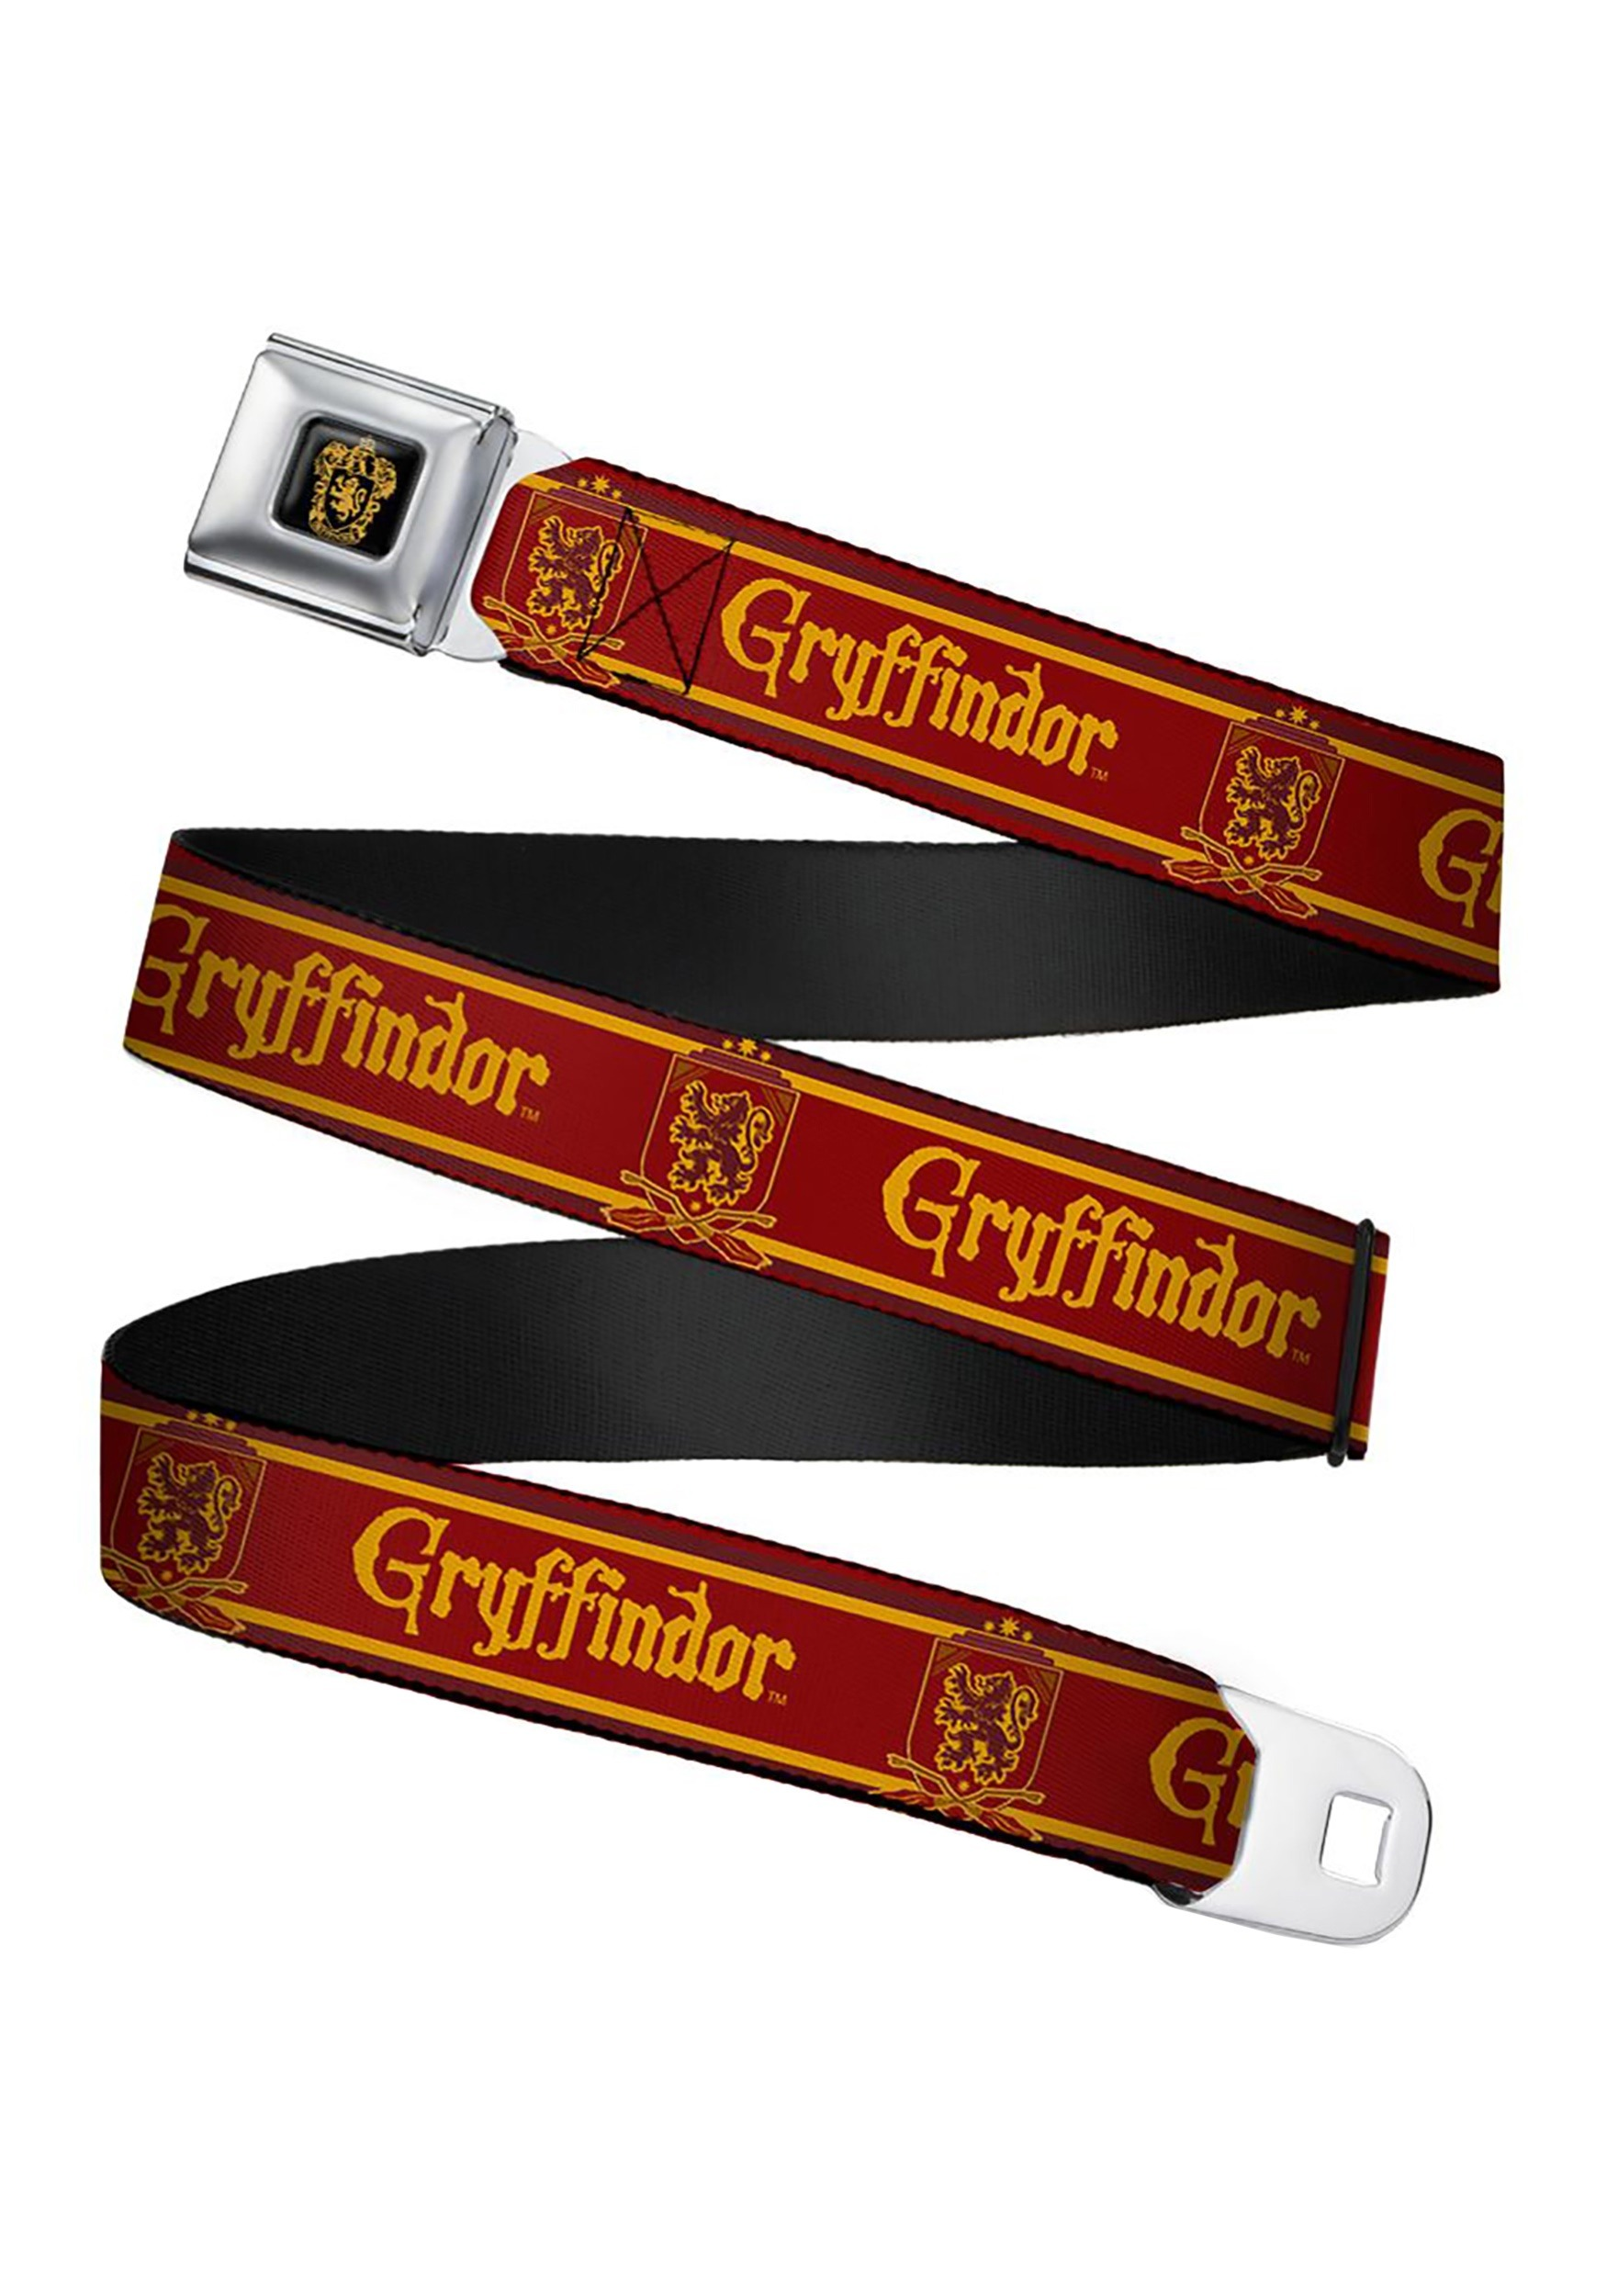 The_Harry_Potter_Gryffindor_Crest_Seatbelt_Buckle_Belt